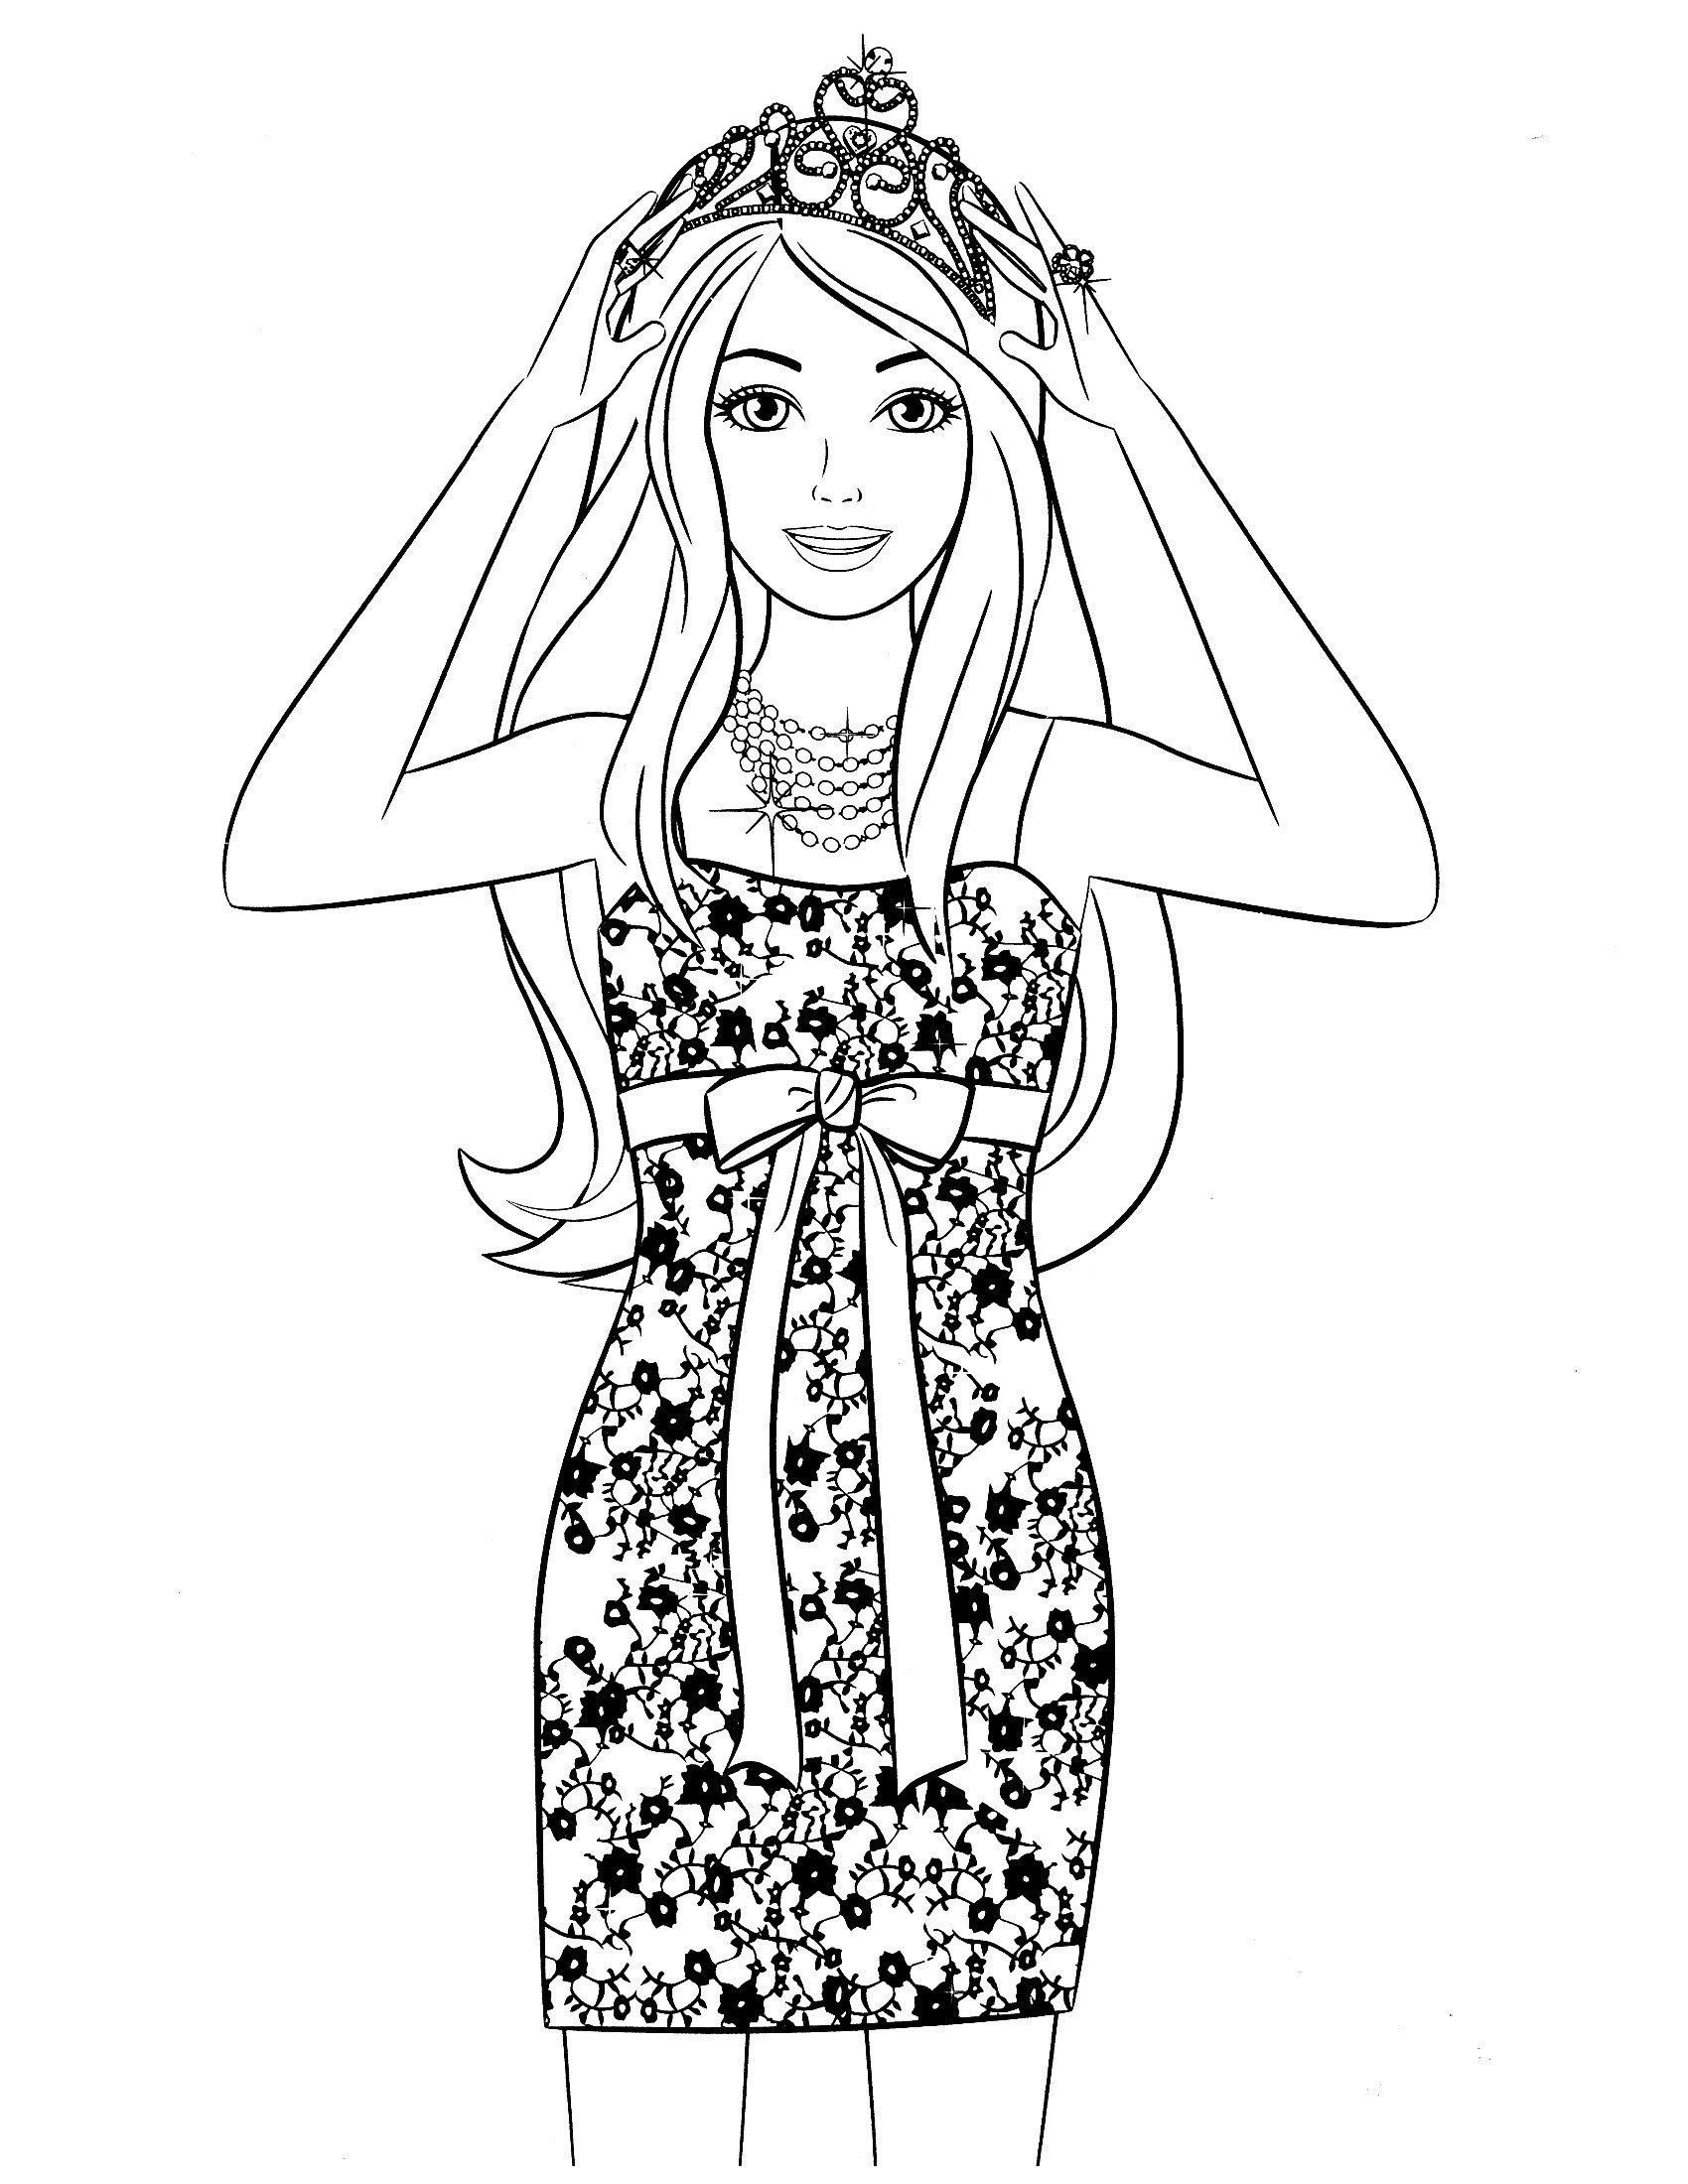 Картинка для раскраски «Барби в стильном платье и короне»